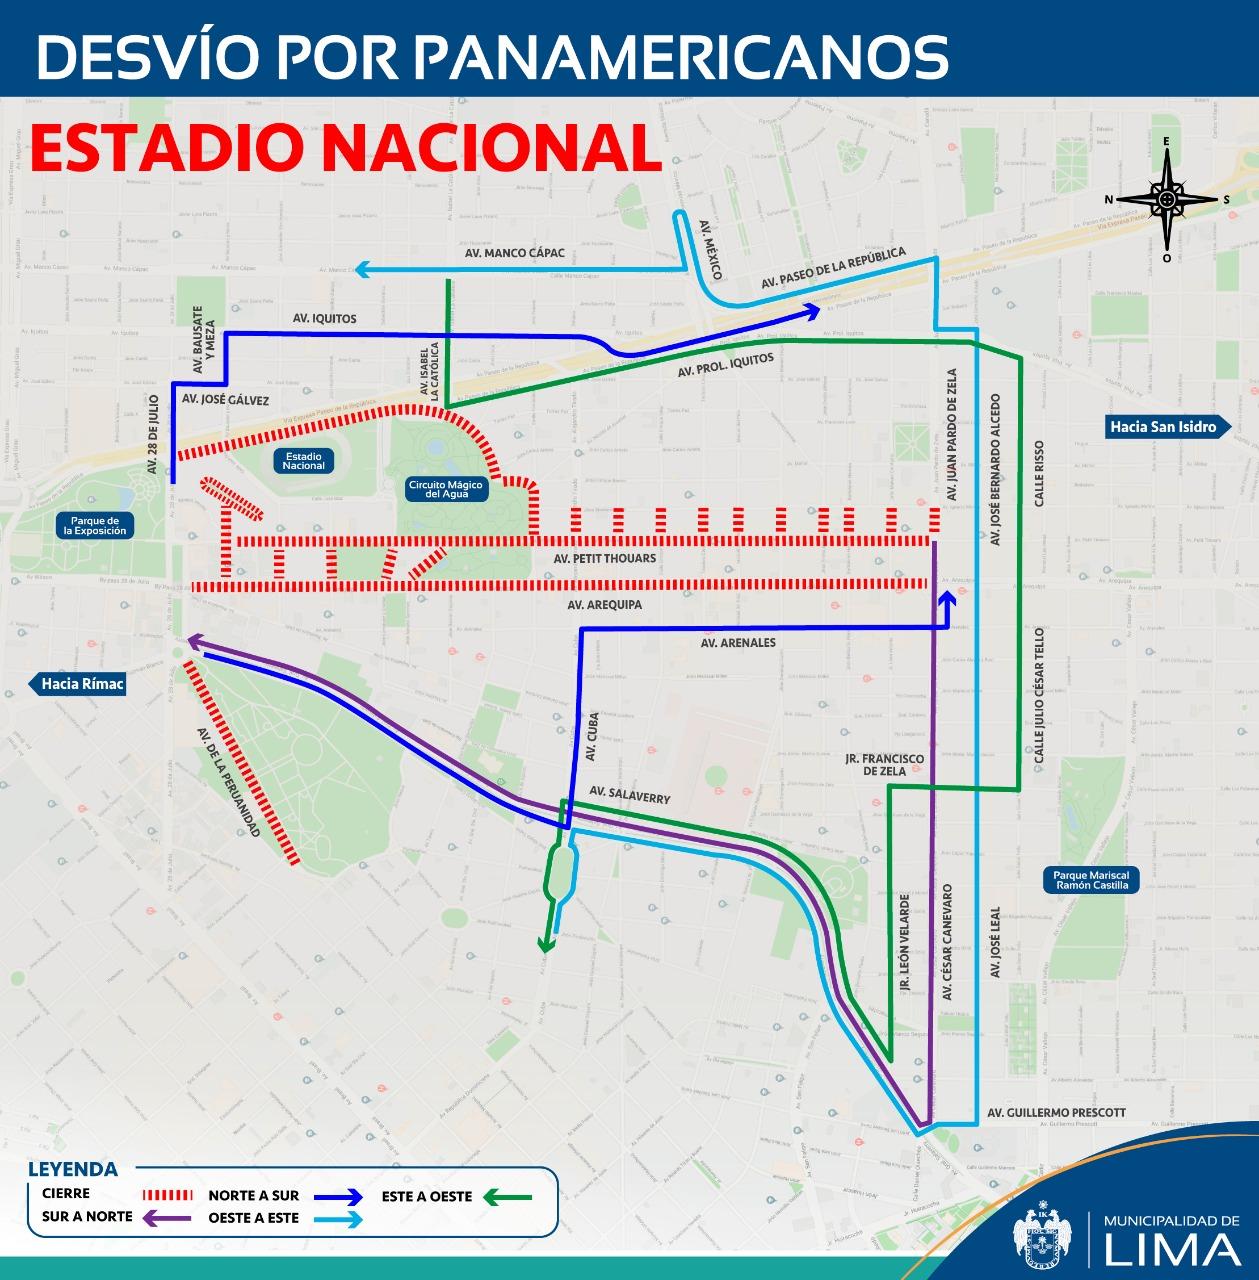 Estos son los desvíos en el Estadio Nacional que aplica de julio a agosto. (Foto: Municipalidad de Lima)